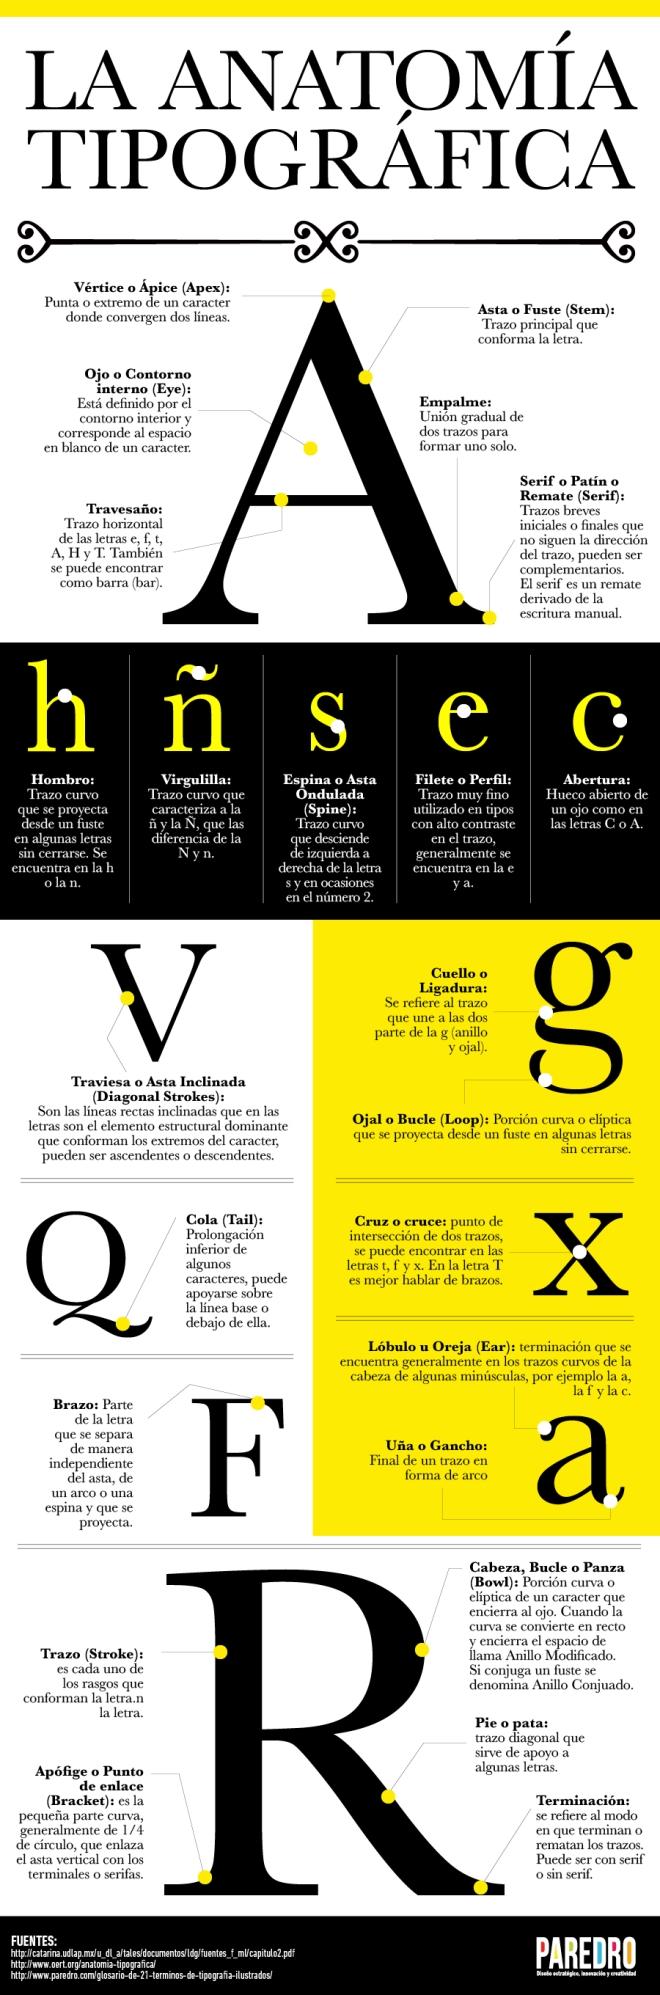 La anatomía tipográfica